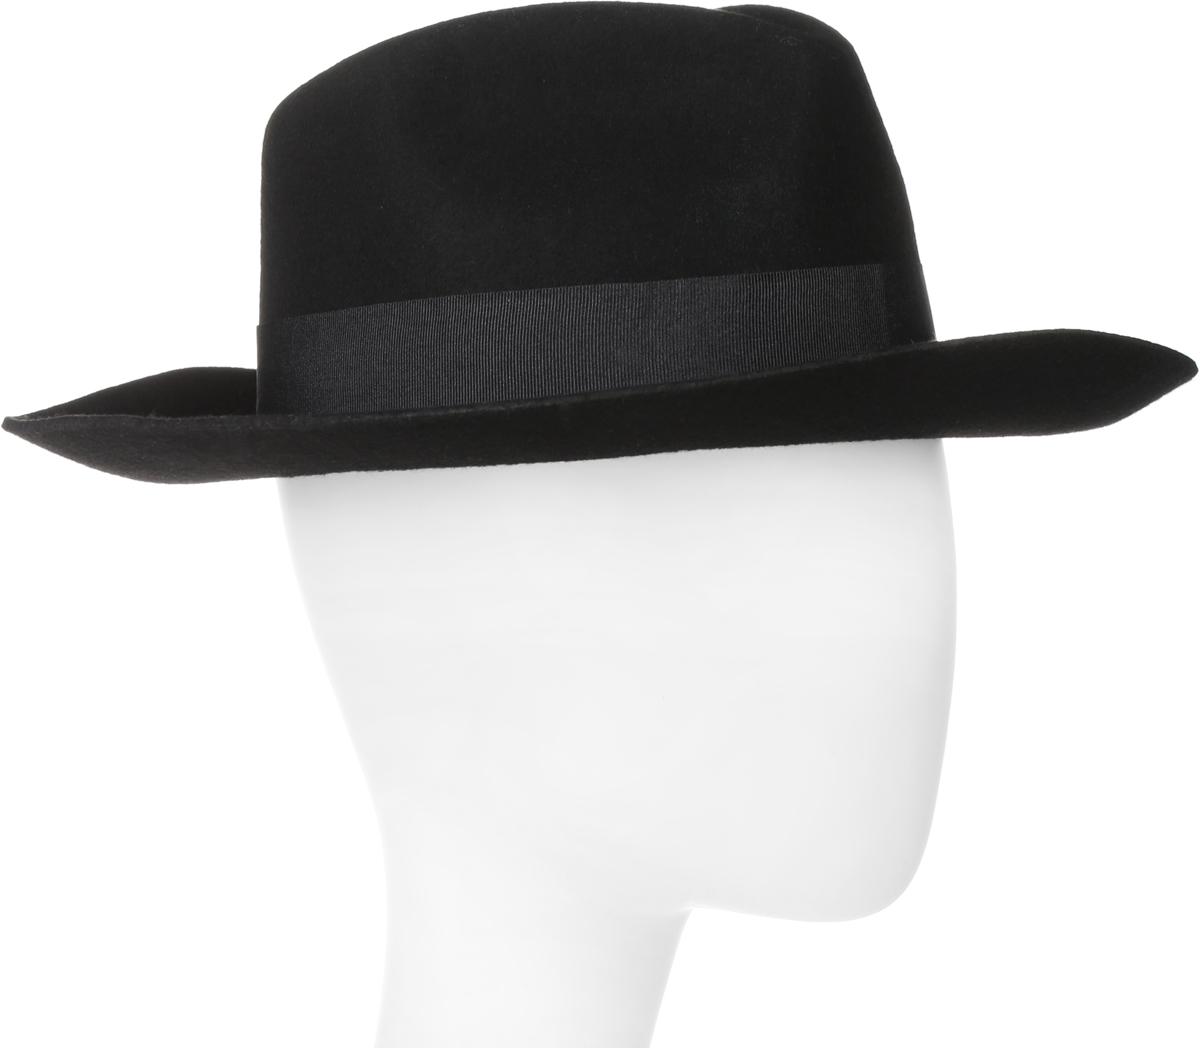 Шляпа Goorin Brothers, цвет: черный. 600-9317. Размер M (57)600-9317Элегантная шляпа Goorin Brothers, выполненная из высококачественного тонкого фетра, дополнит любой образ. Модель с А-образной тульей с продольным заломом и со слегка загнутыми вверх полями. Внутри модель дополнена плотной тесьмой для комфортной посадки изделия по голове. Шляпа-федора по тулье оформлена репсовой лентой с лаконичным бантом и дополнена металлическим элементом в виде логотипа бренда.Такая шляпа подчеркнет вашу неповторимость и прекрасный вкус.